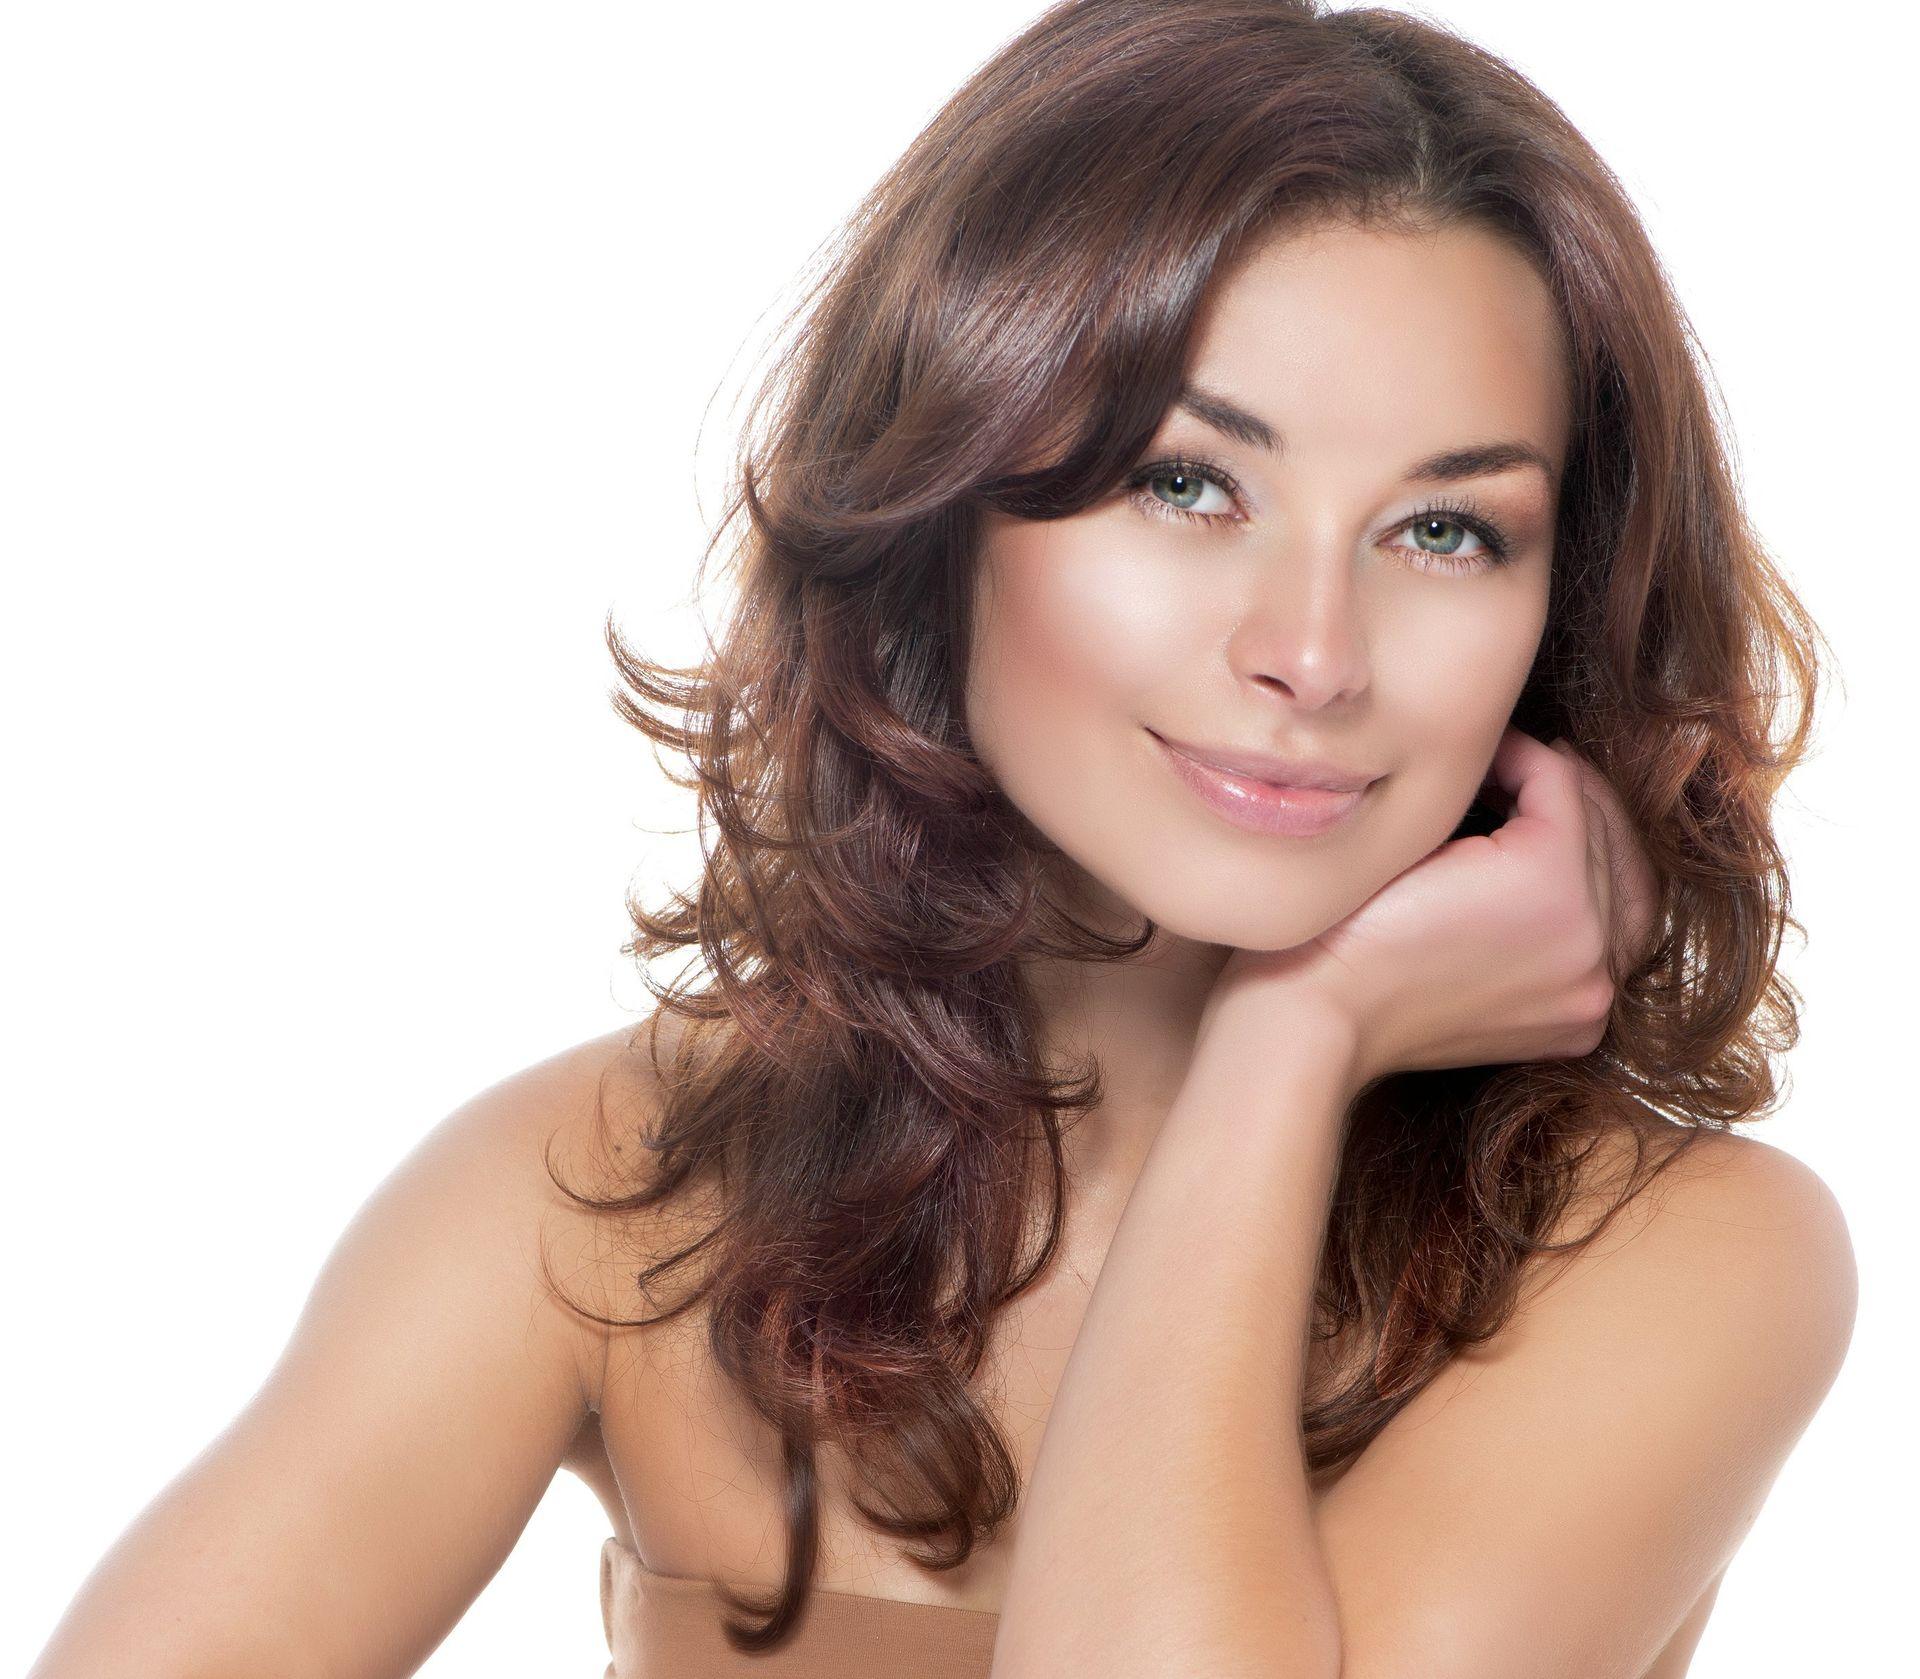 bigstock-beautiful-woman-portrait-clear-38973331-beauty